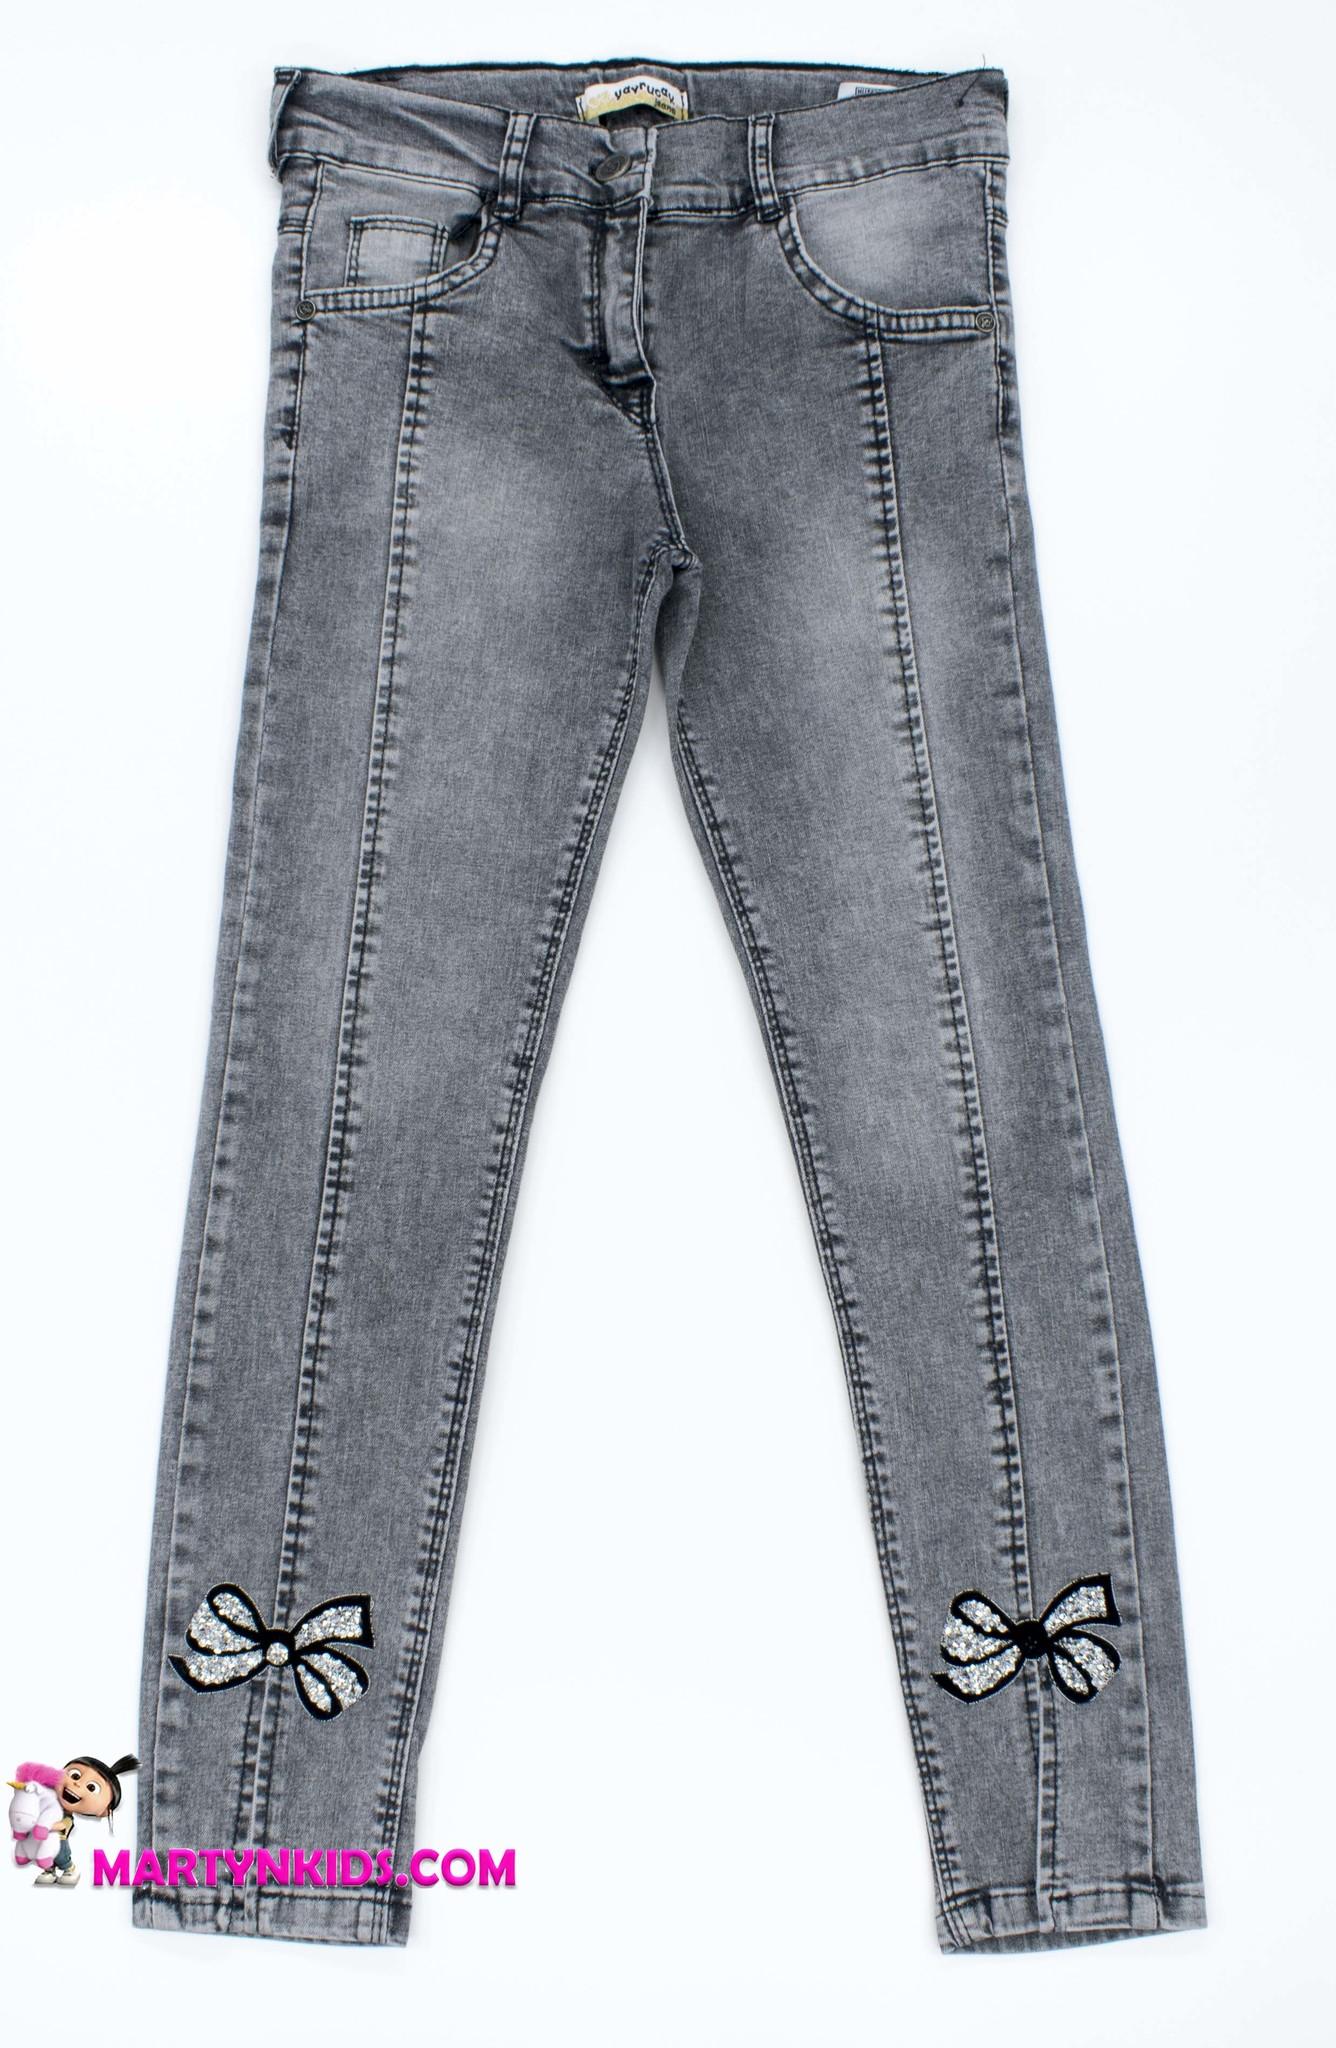 2439  джинсы Баньтики  стрейч